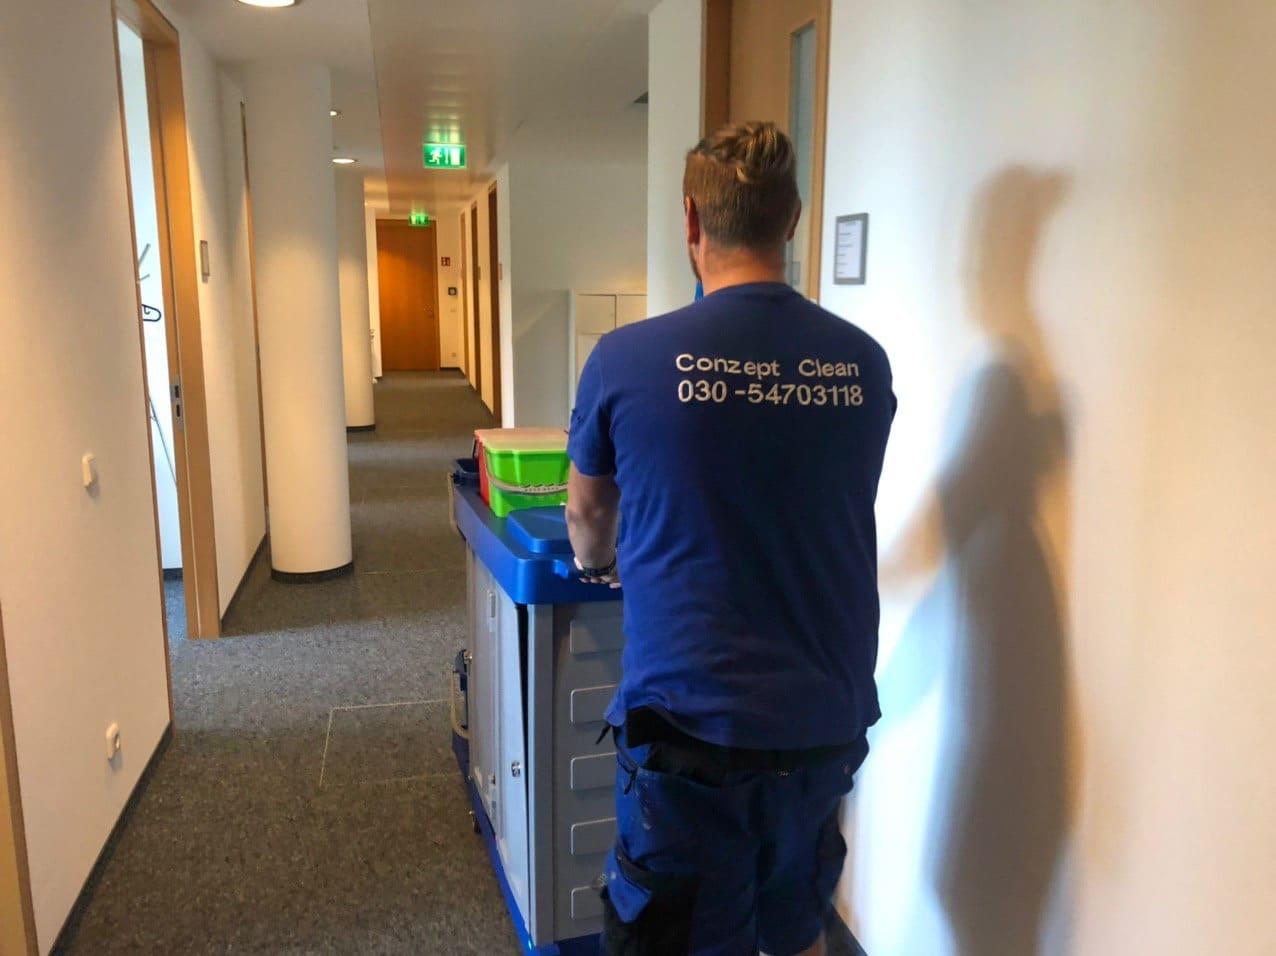 Büroreinigung mit Reinigungswagen